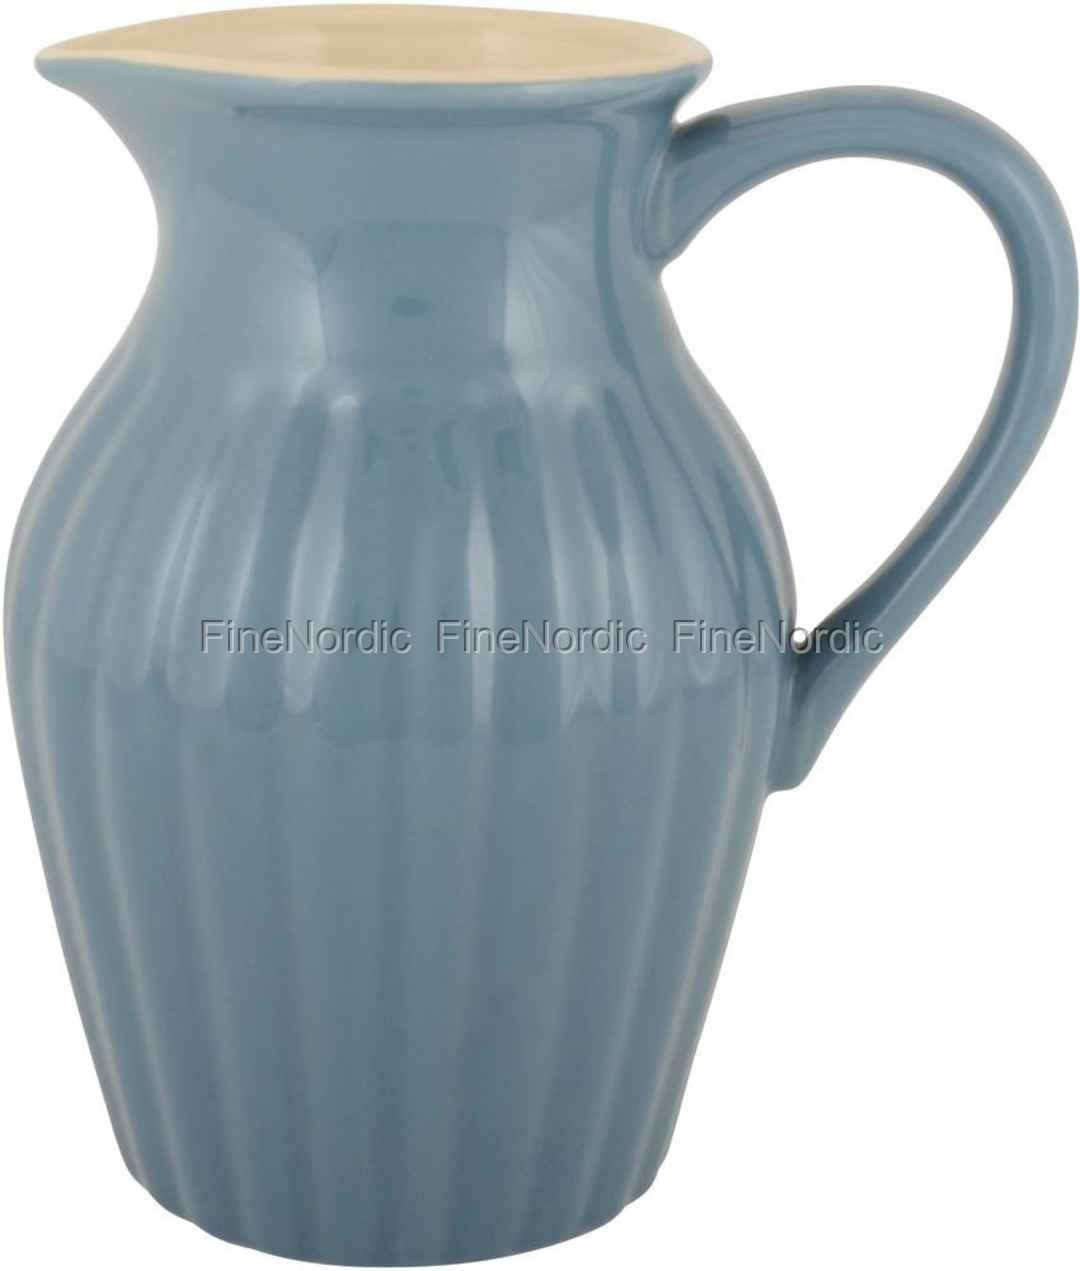 ib laursen geschirr kanne aus keramik mit rillen blau mynte cornflower. Black Bedroom Furniture Sets. Home Design Ideas